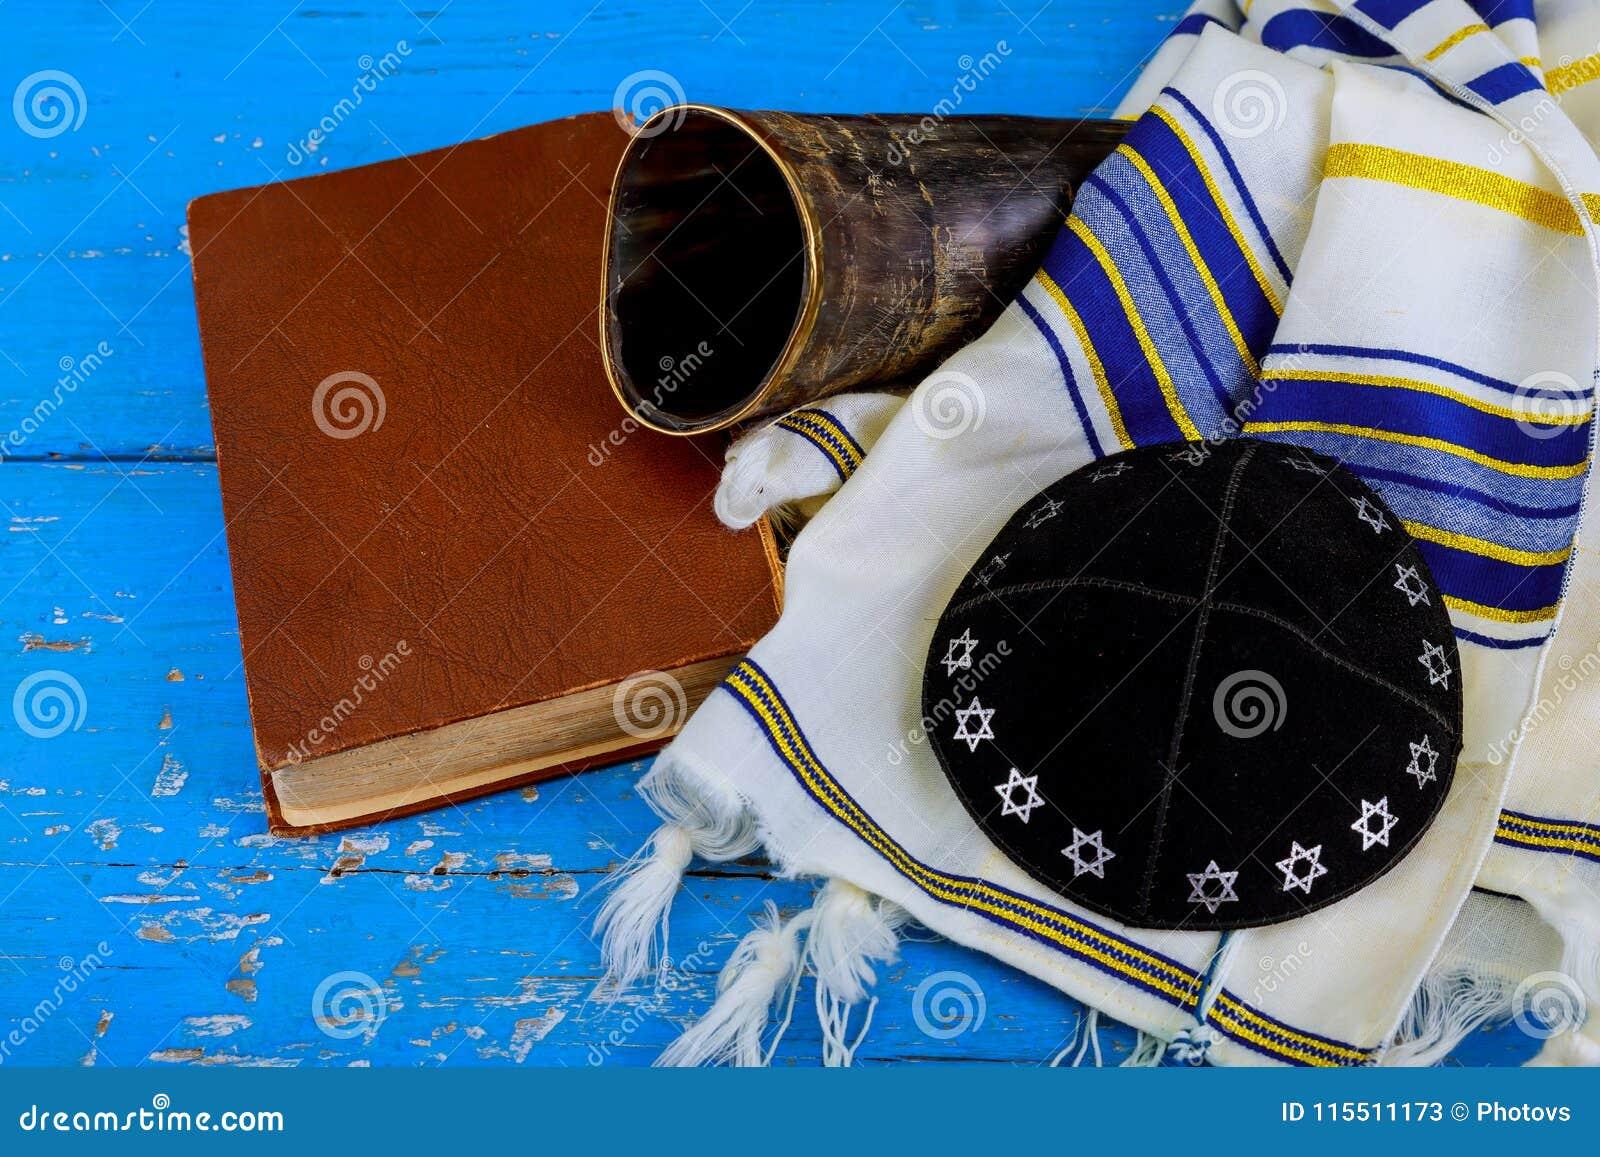 Σάλι προσευχής - εβραϊκό θρησκευτικό σύμβολο κέρατων Tallit και Shofar